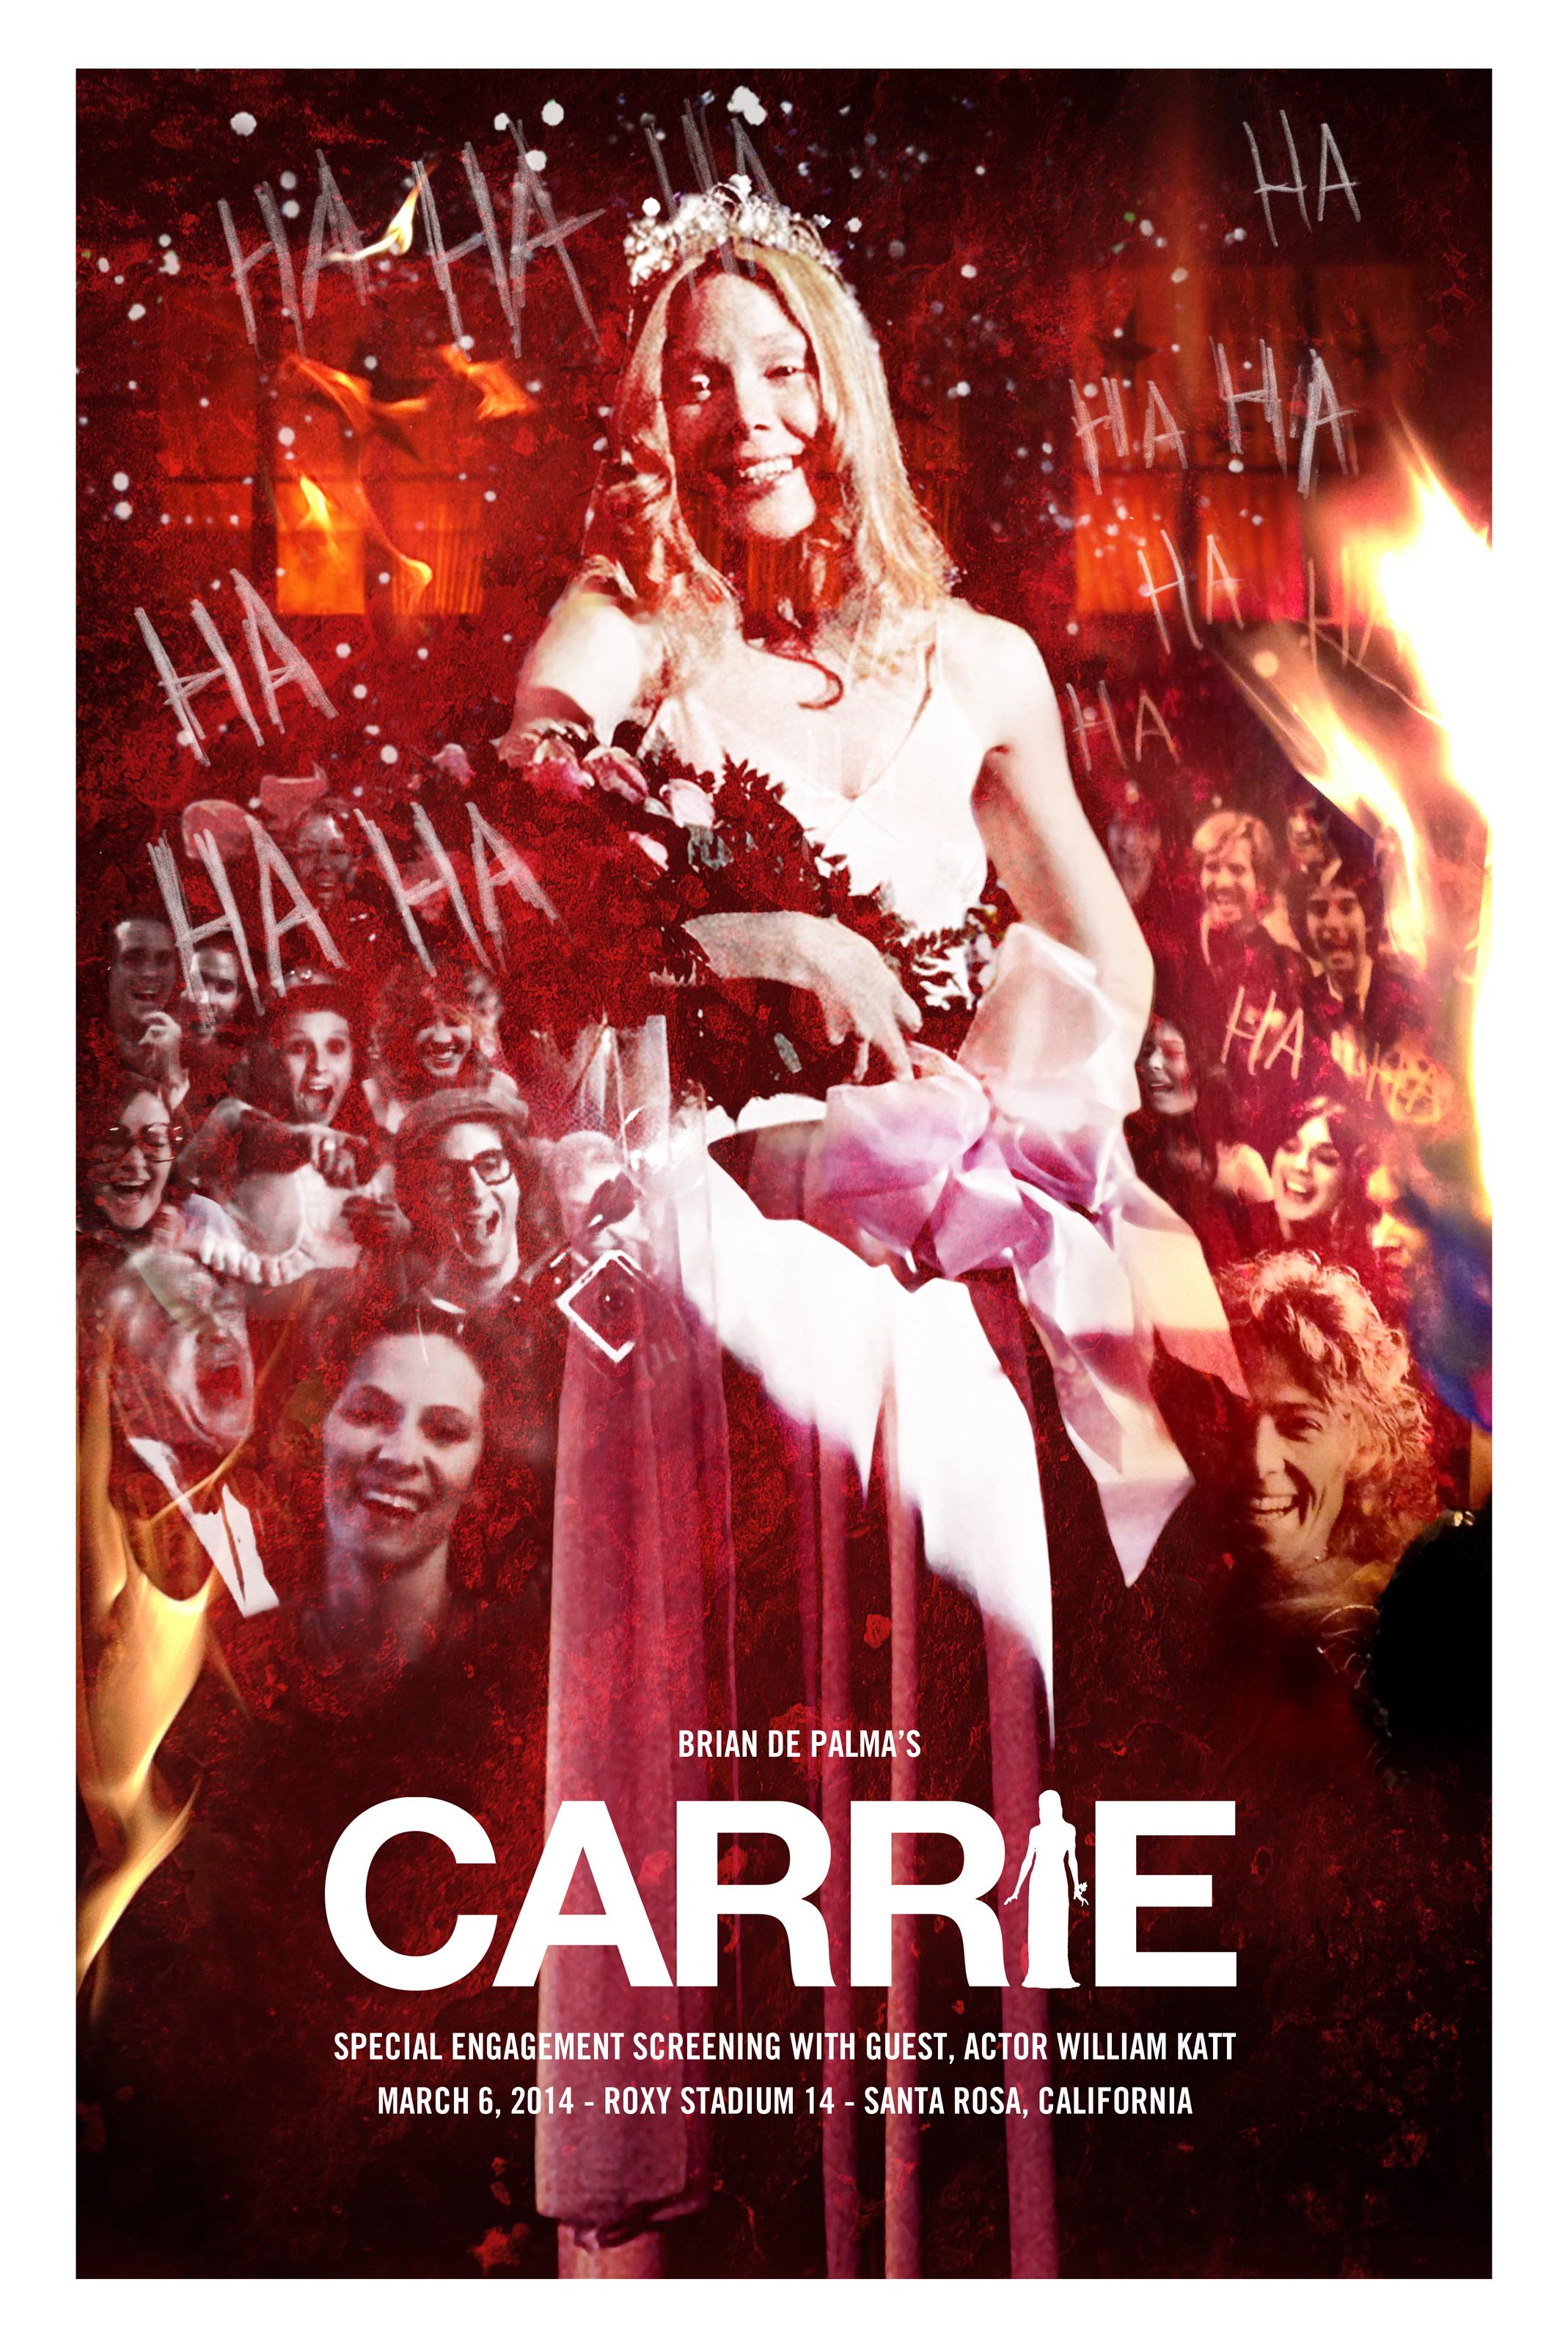 Carrie_Poster_Assemble-FIRE.jpg